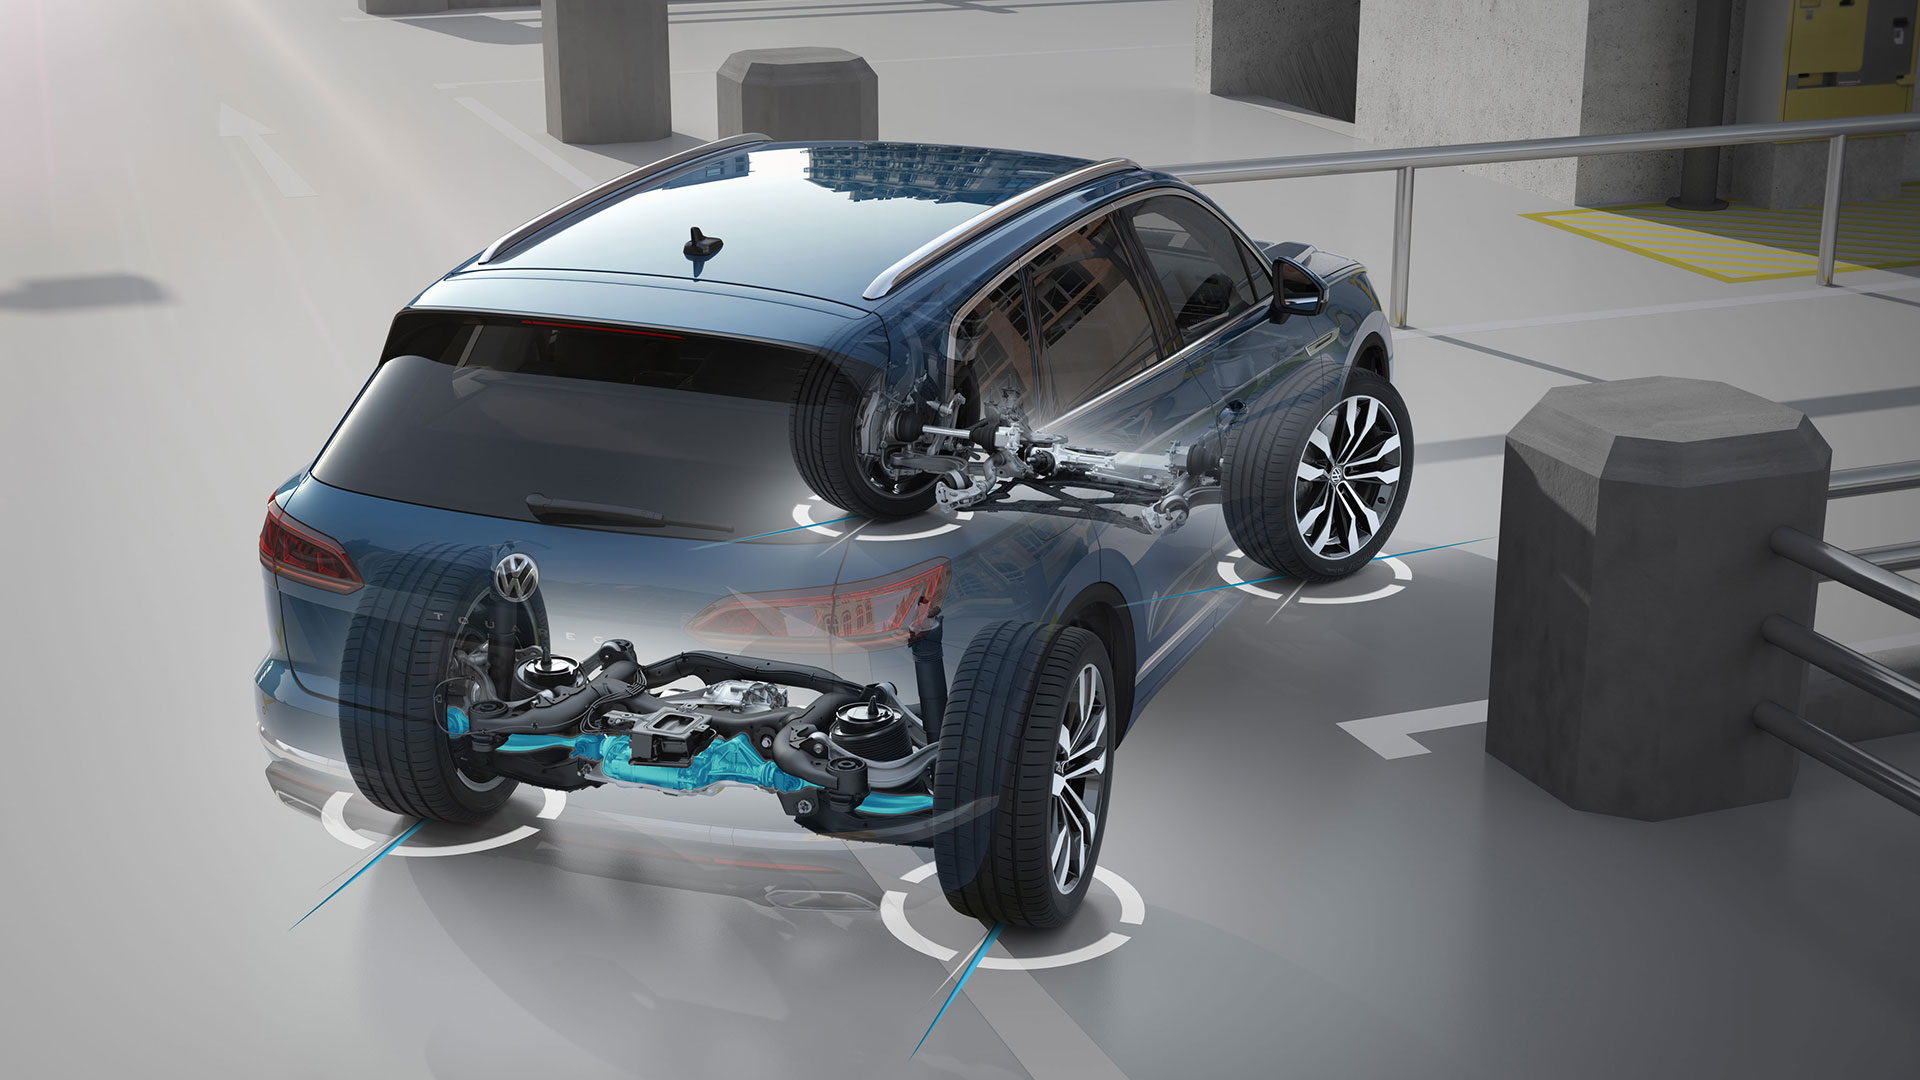 Bil i genomskärning som visar tekniken bakom fyrhjulsdrift i en Volkswagen